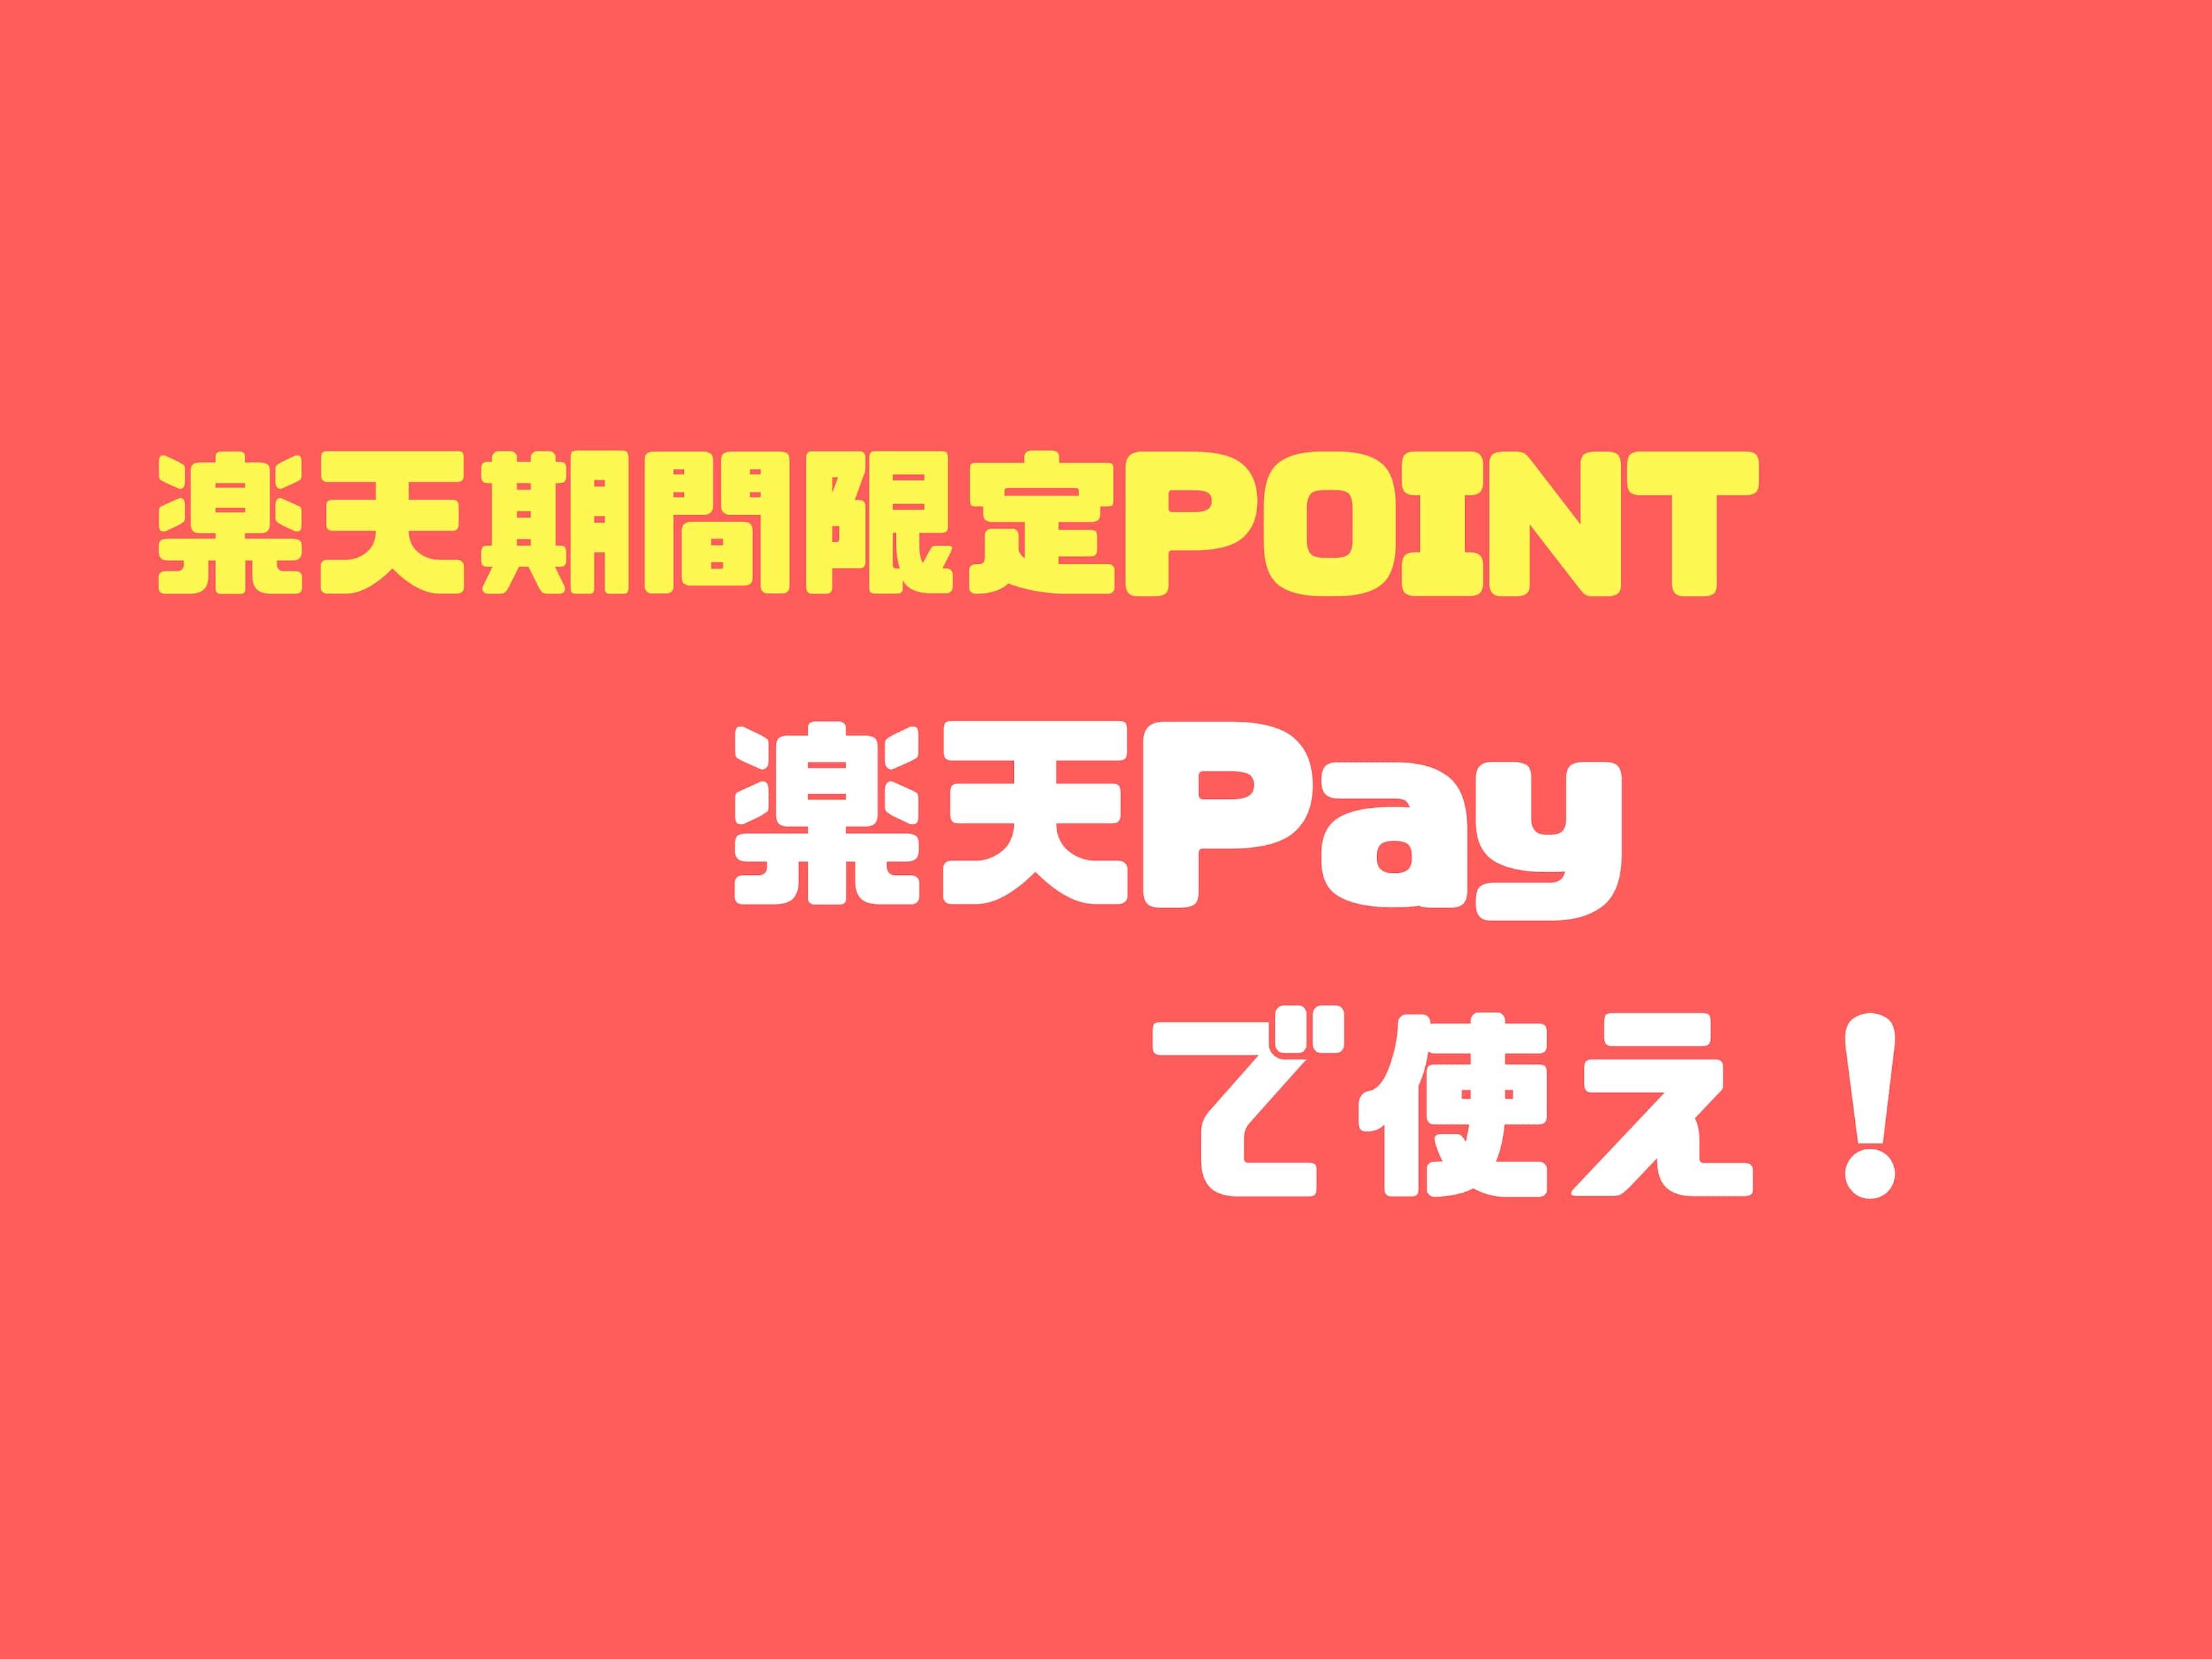 楽天の期間限定ポイントは楽天Payで使えます